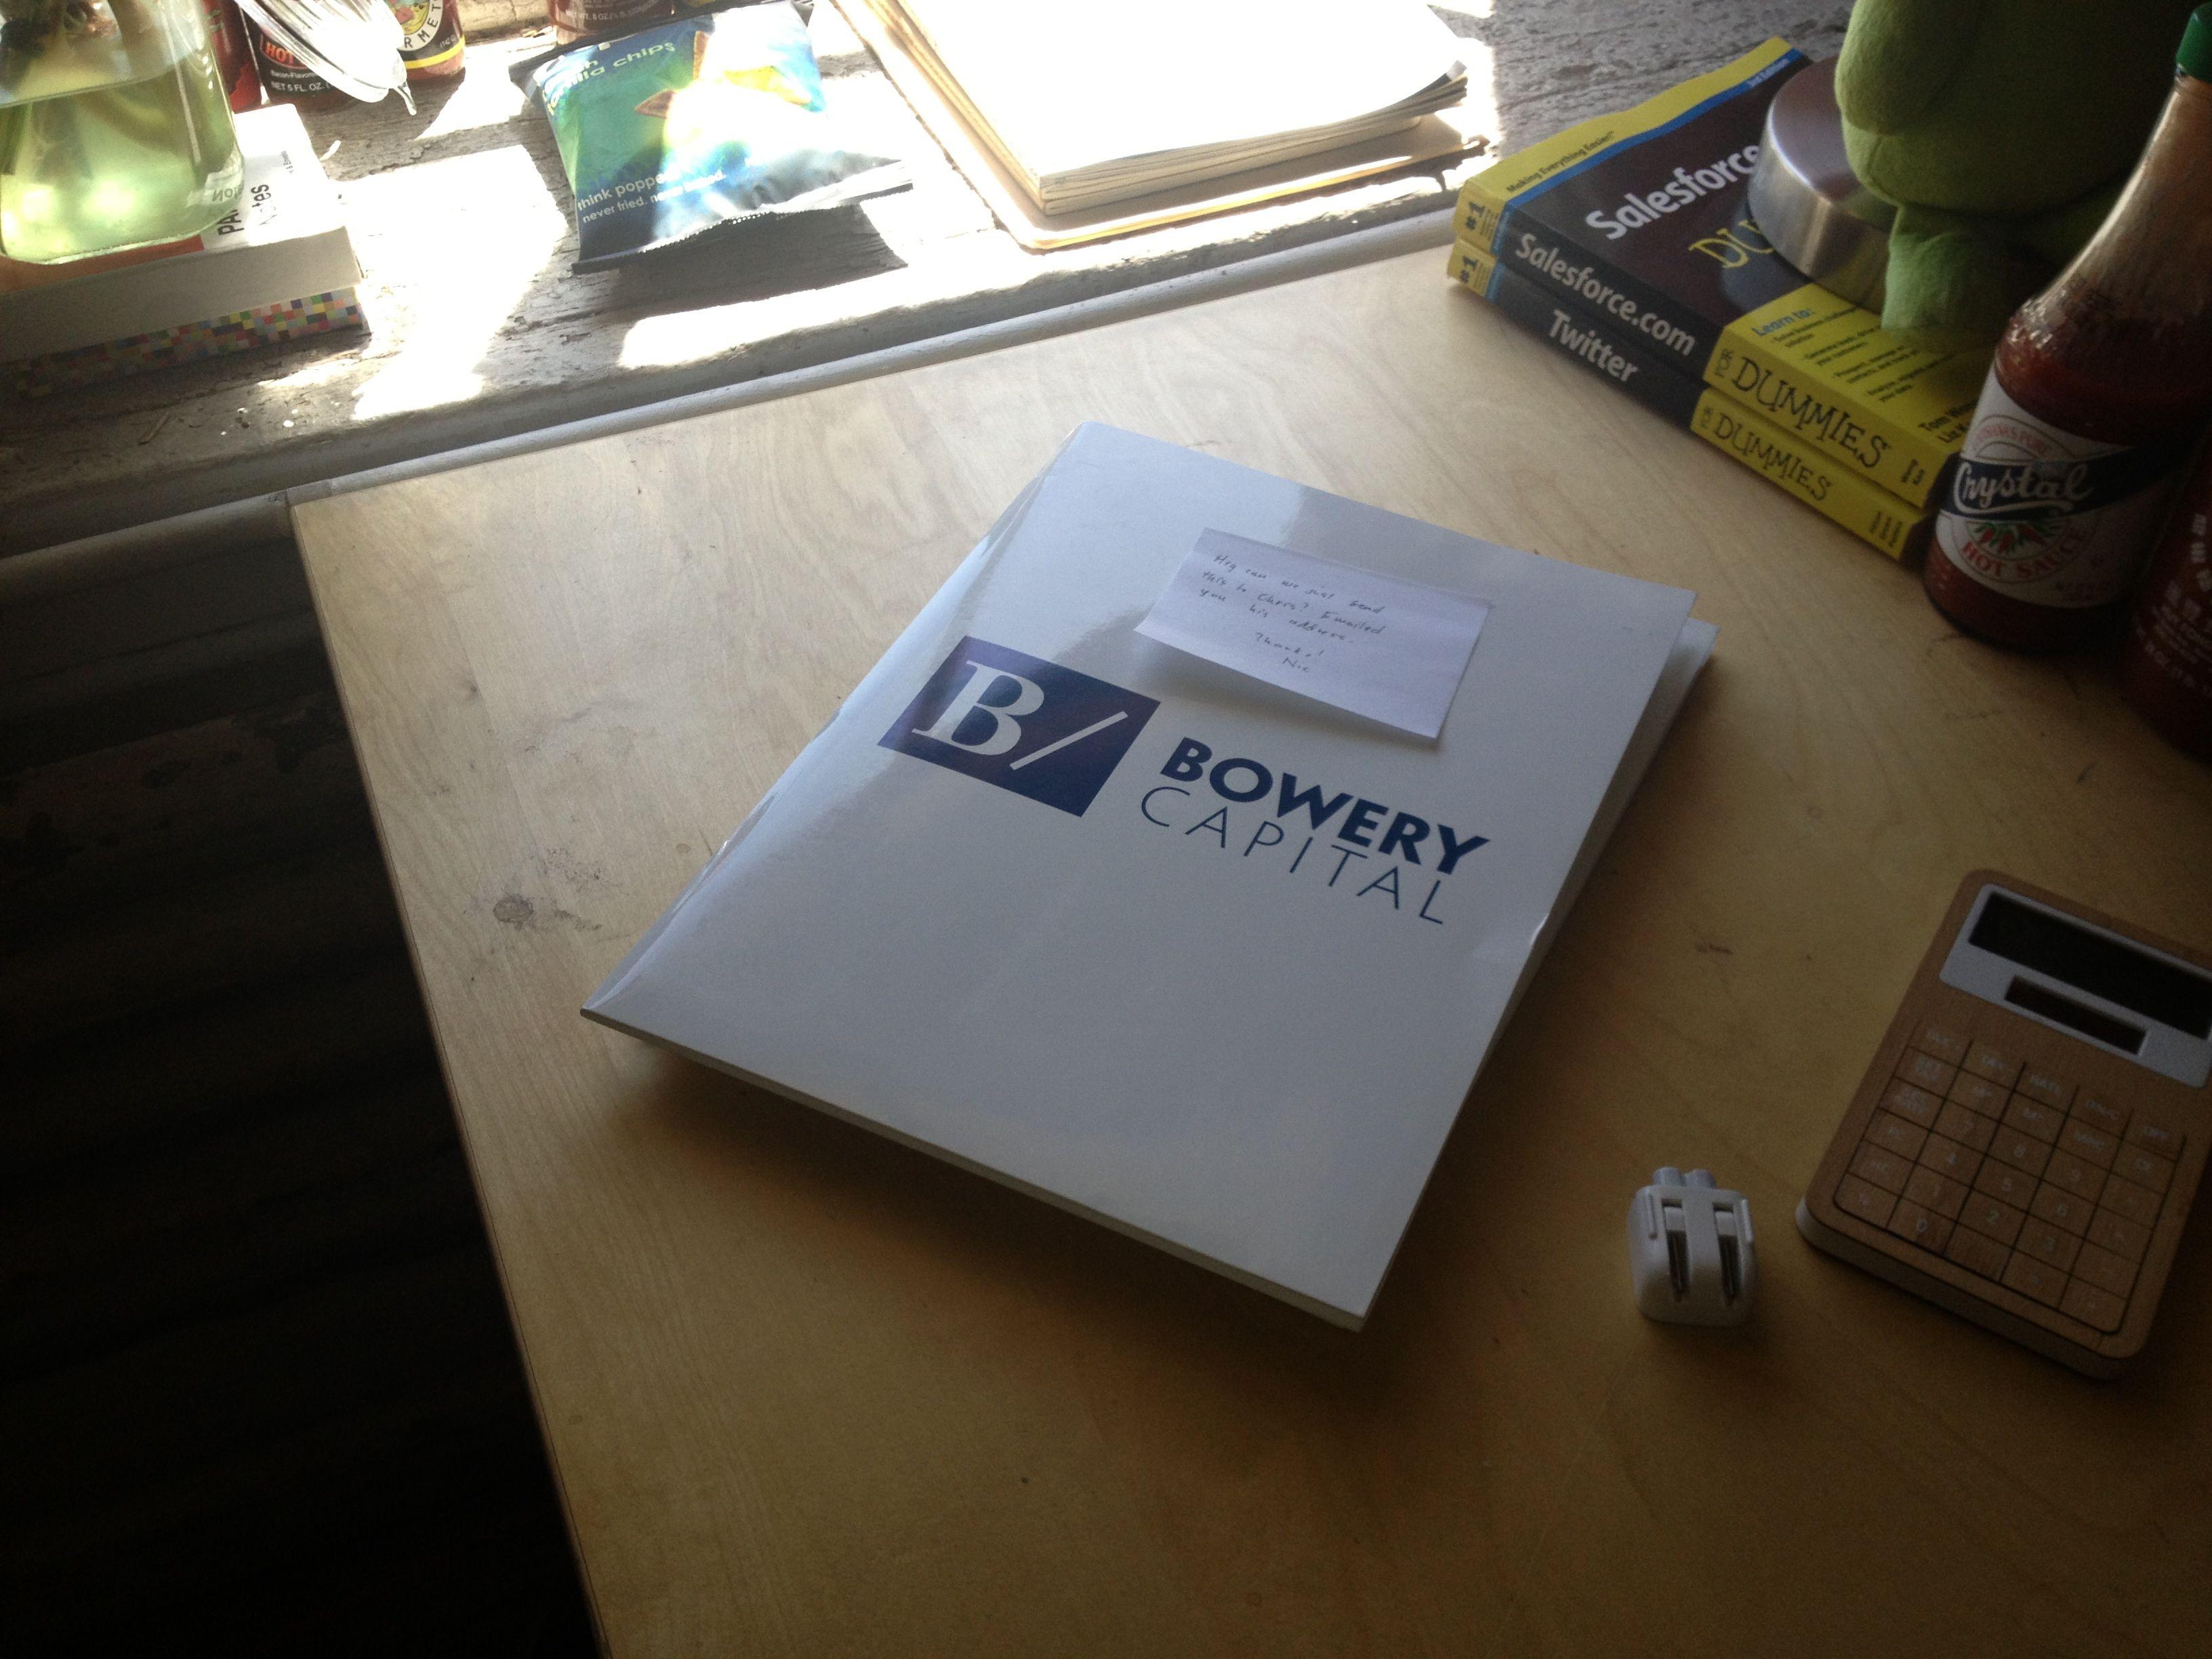 A folder, also with a non-Aol Ventures logo.